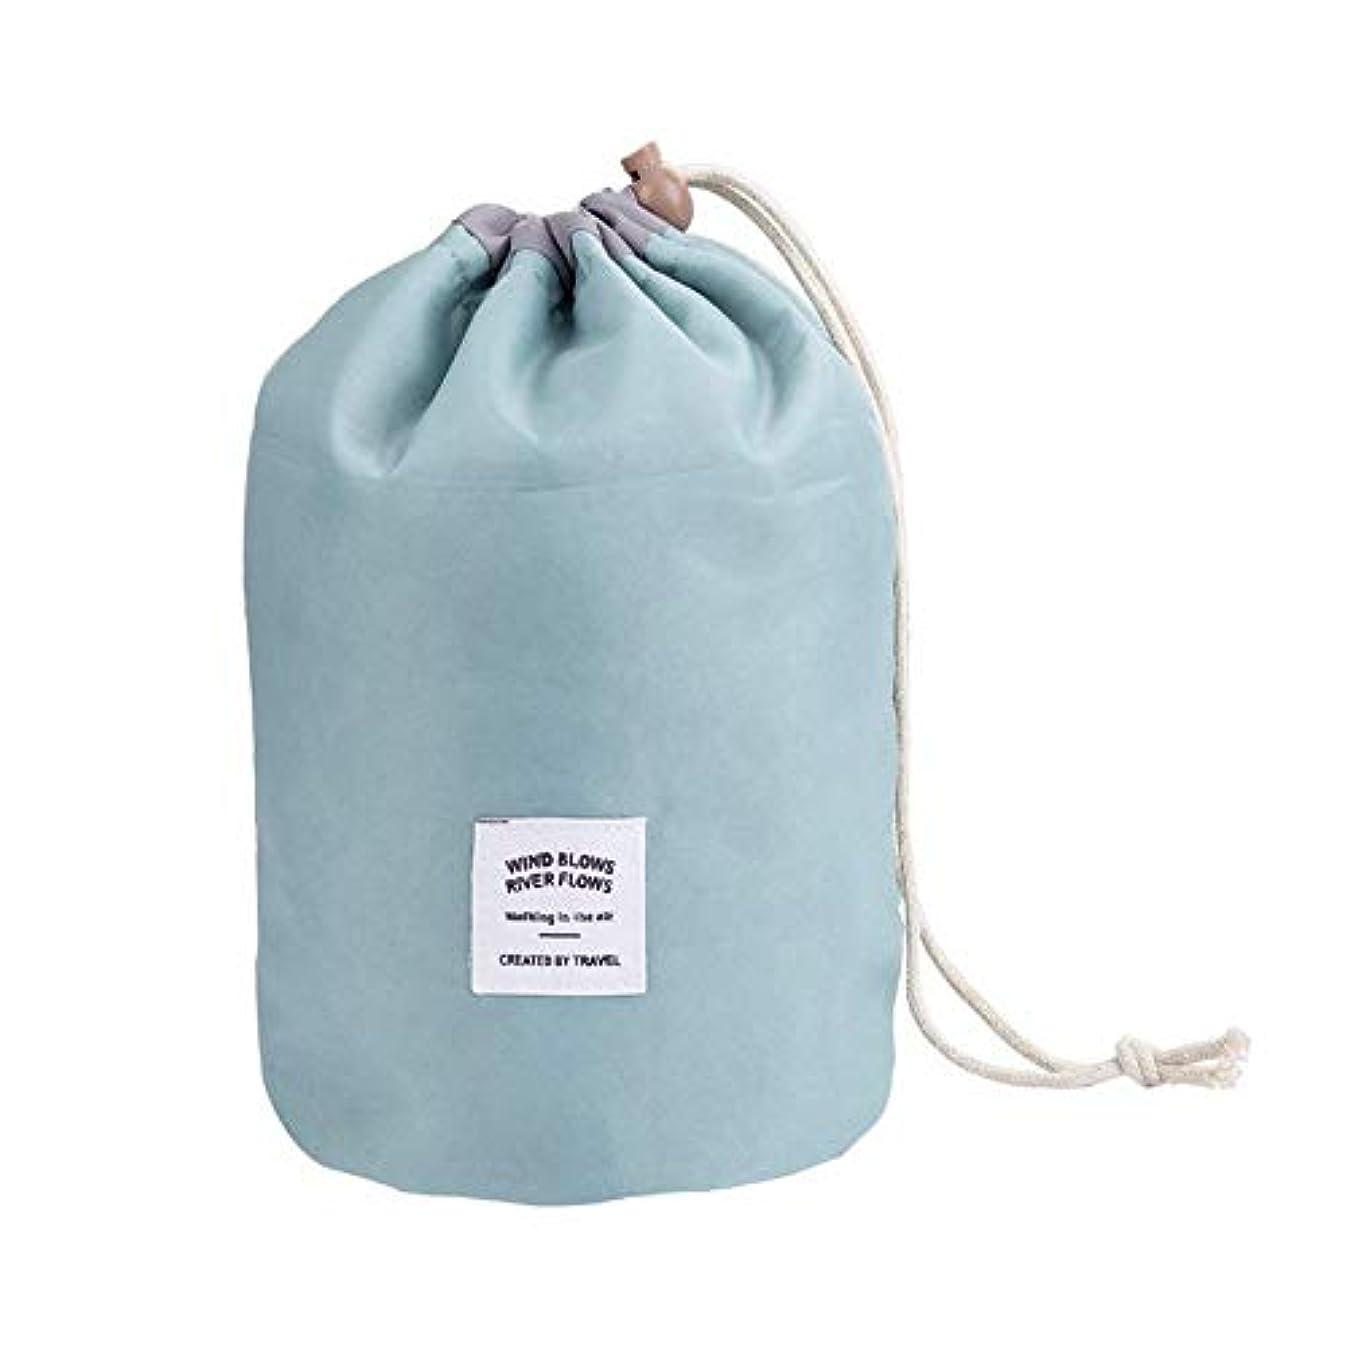 化粧オーガナイザーバッグ ポータブル防水旅行コスメティックバッグトラベルセットストレージバッグバスルームストレージ巾着化粧品バッグポータブル 化粧品ケース (色 : 緑)